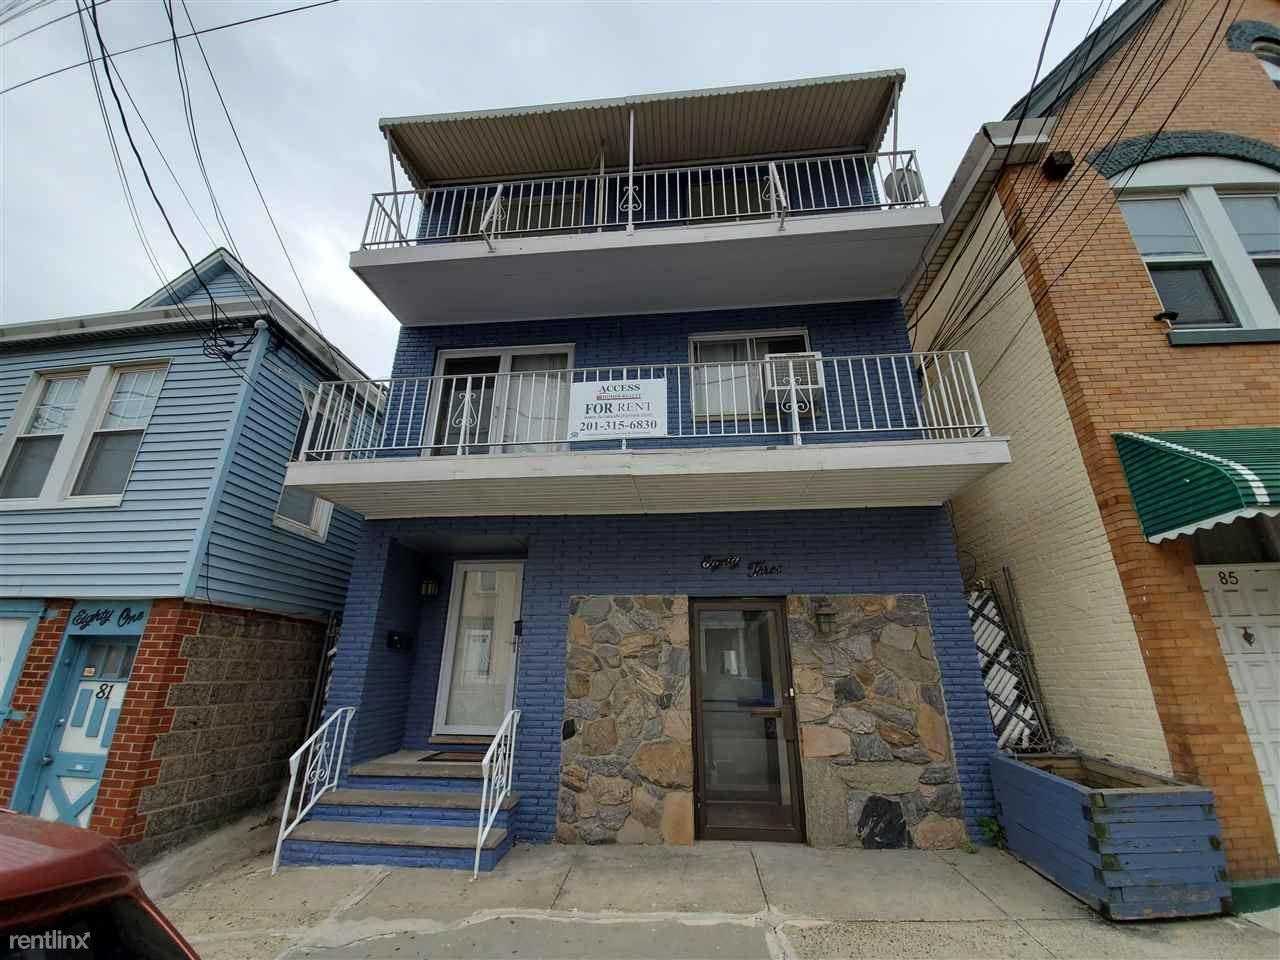 boulevard east, Guttenberg, NJ - $2,395